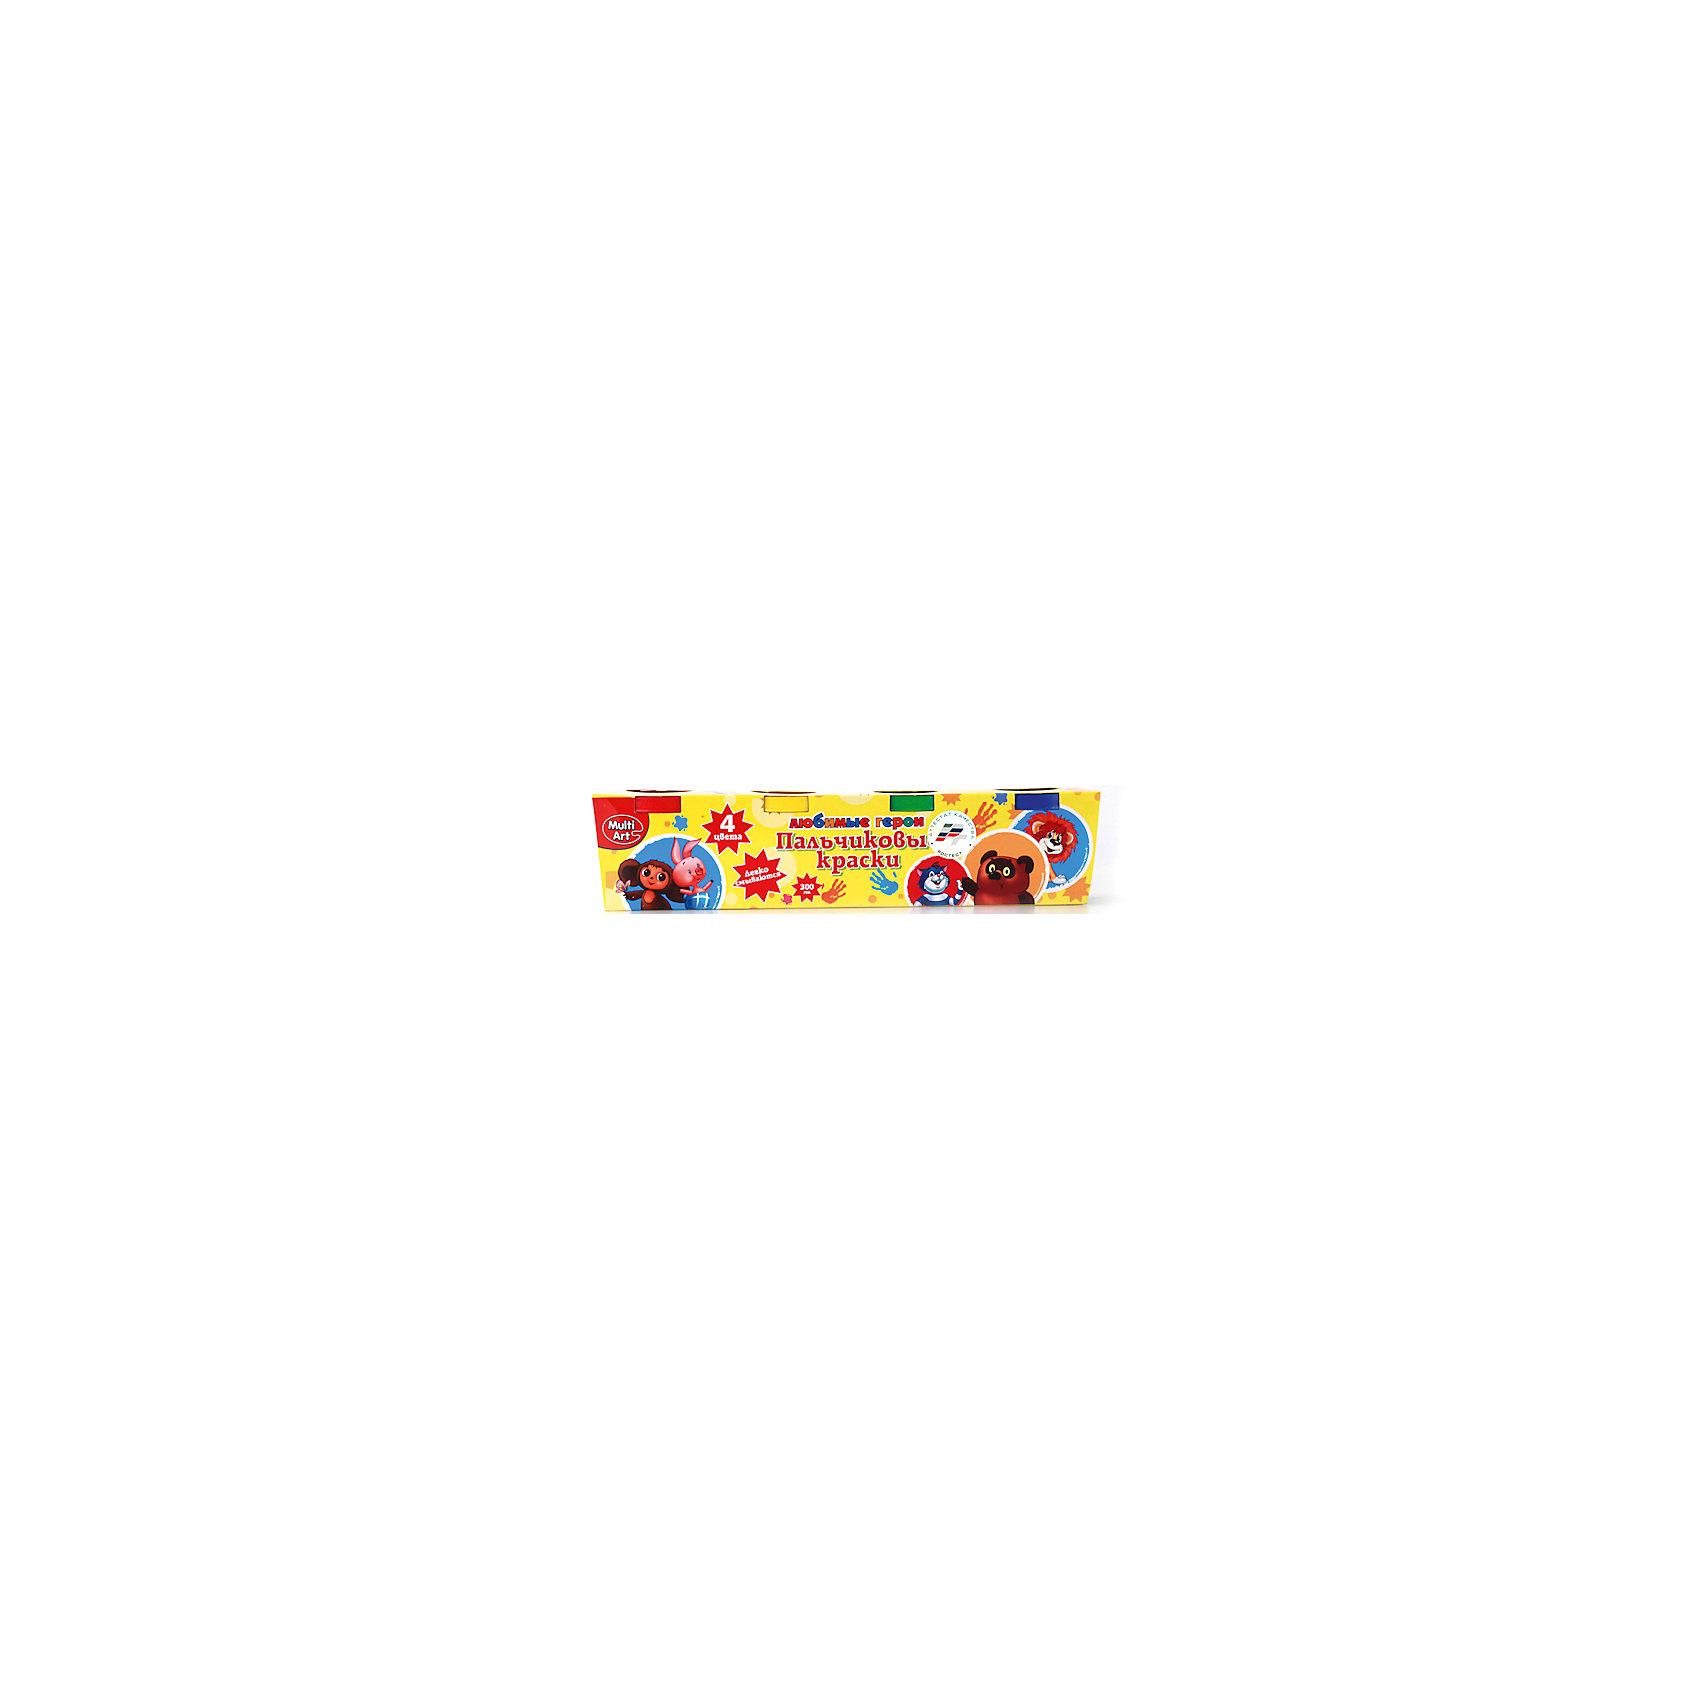 Играем вместе Пальчиковые краски, Союзмультфильм, 4 цвета пальчиковые краски 4 цвета 50 гр